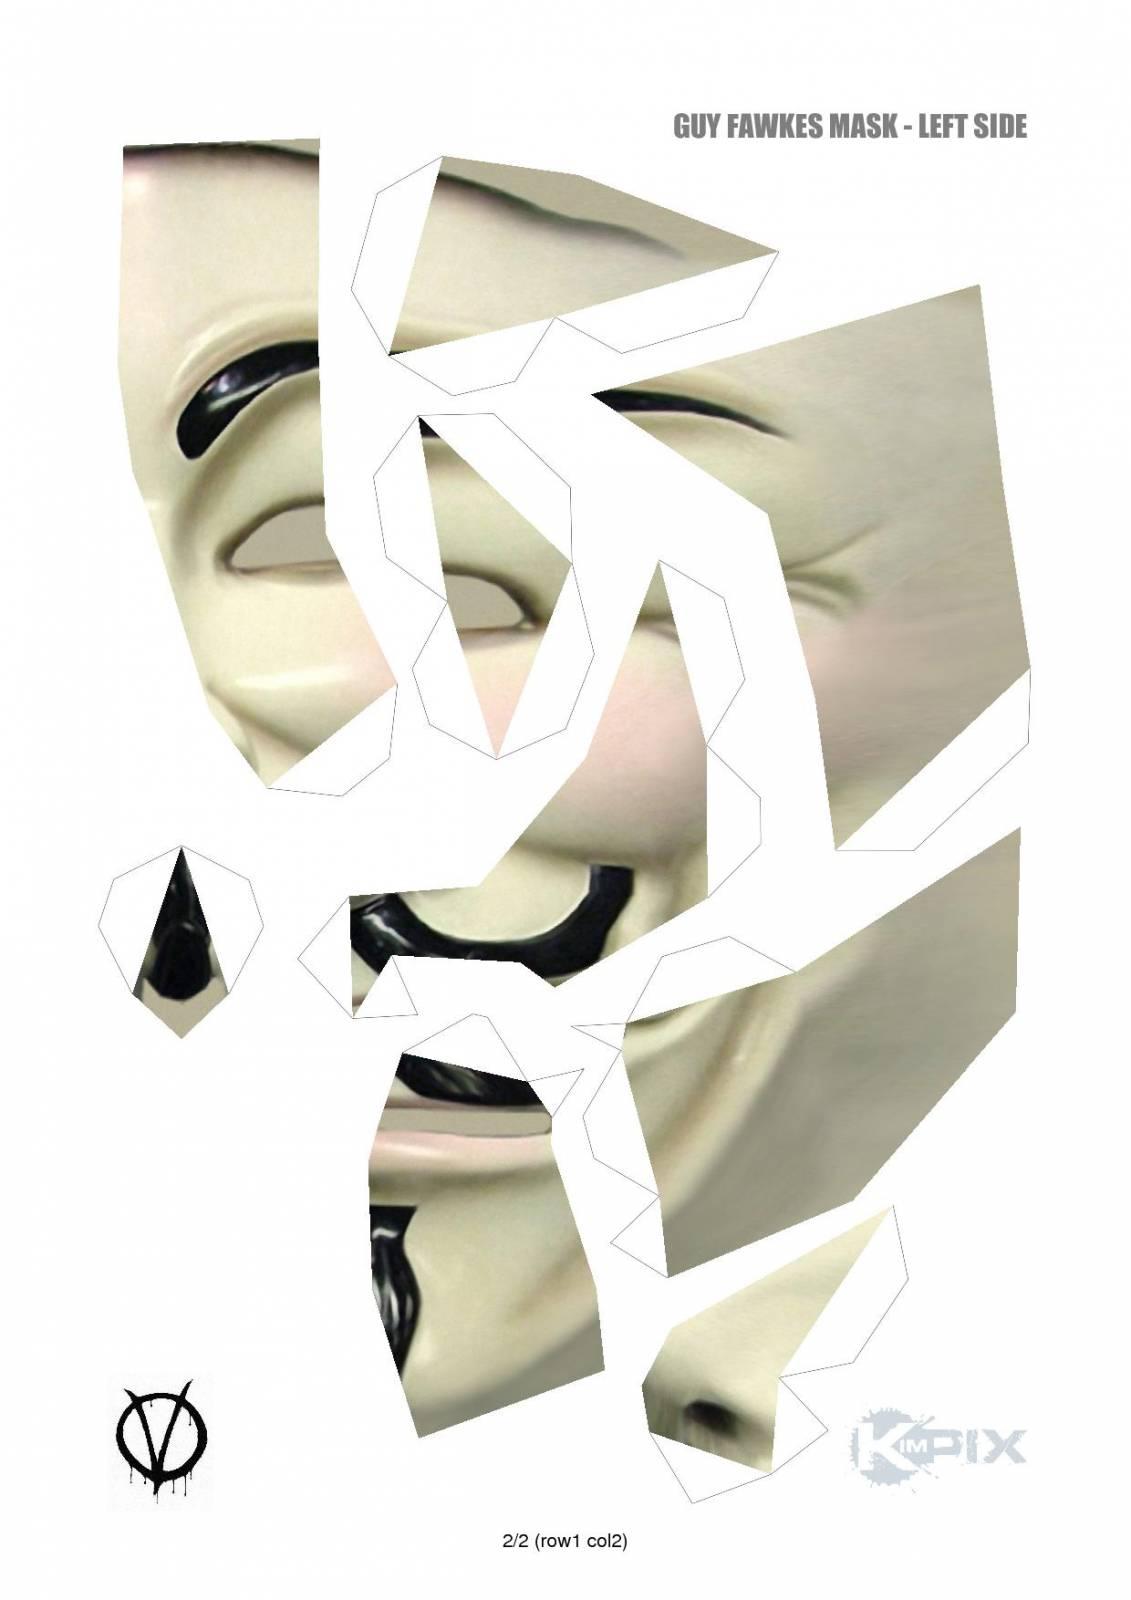 Как сделать маску гая фокса своими руками видео